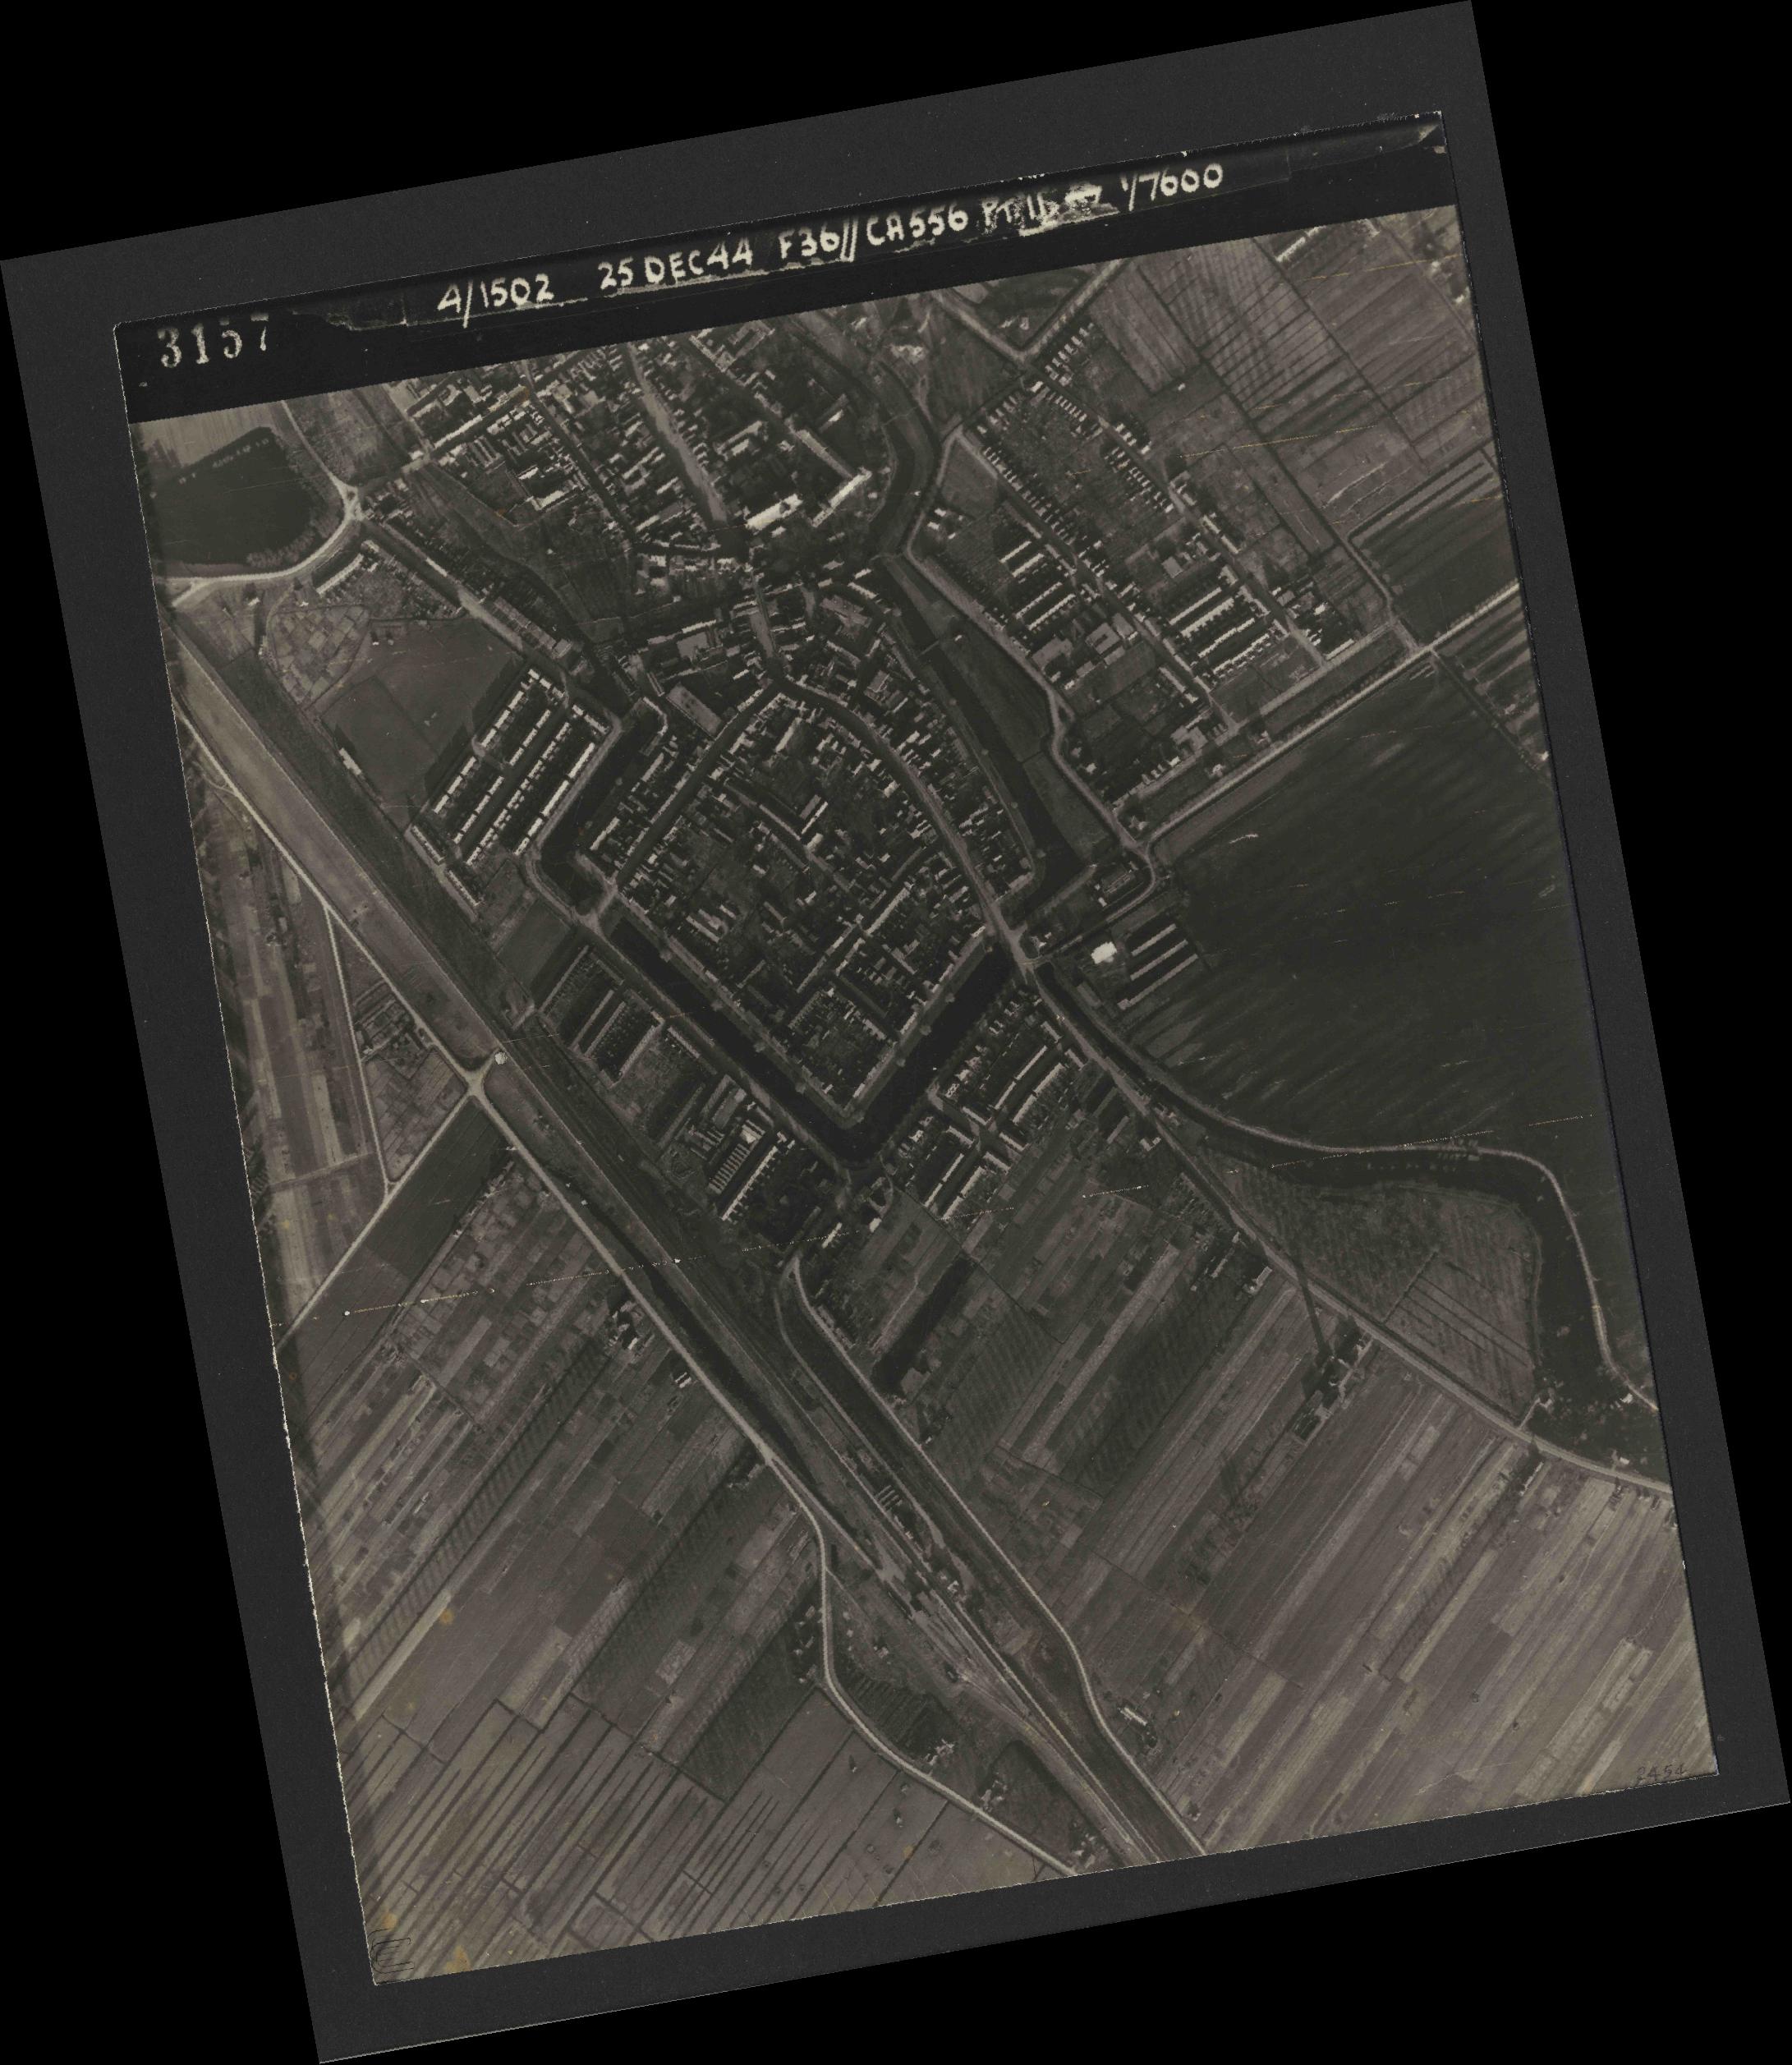 Collection RAF aerial photos 1940-1945 - flight 306, run 06, photo 3157